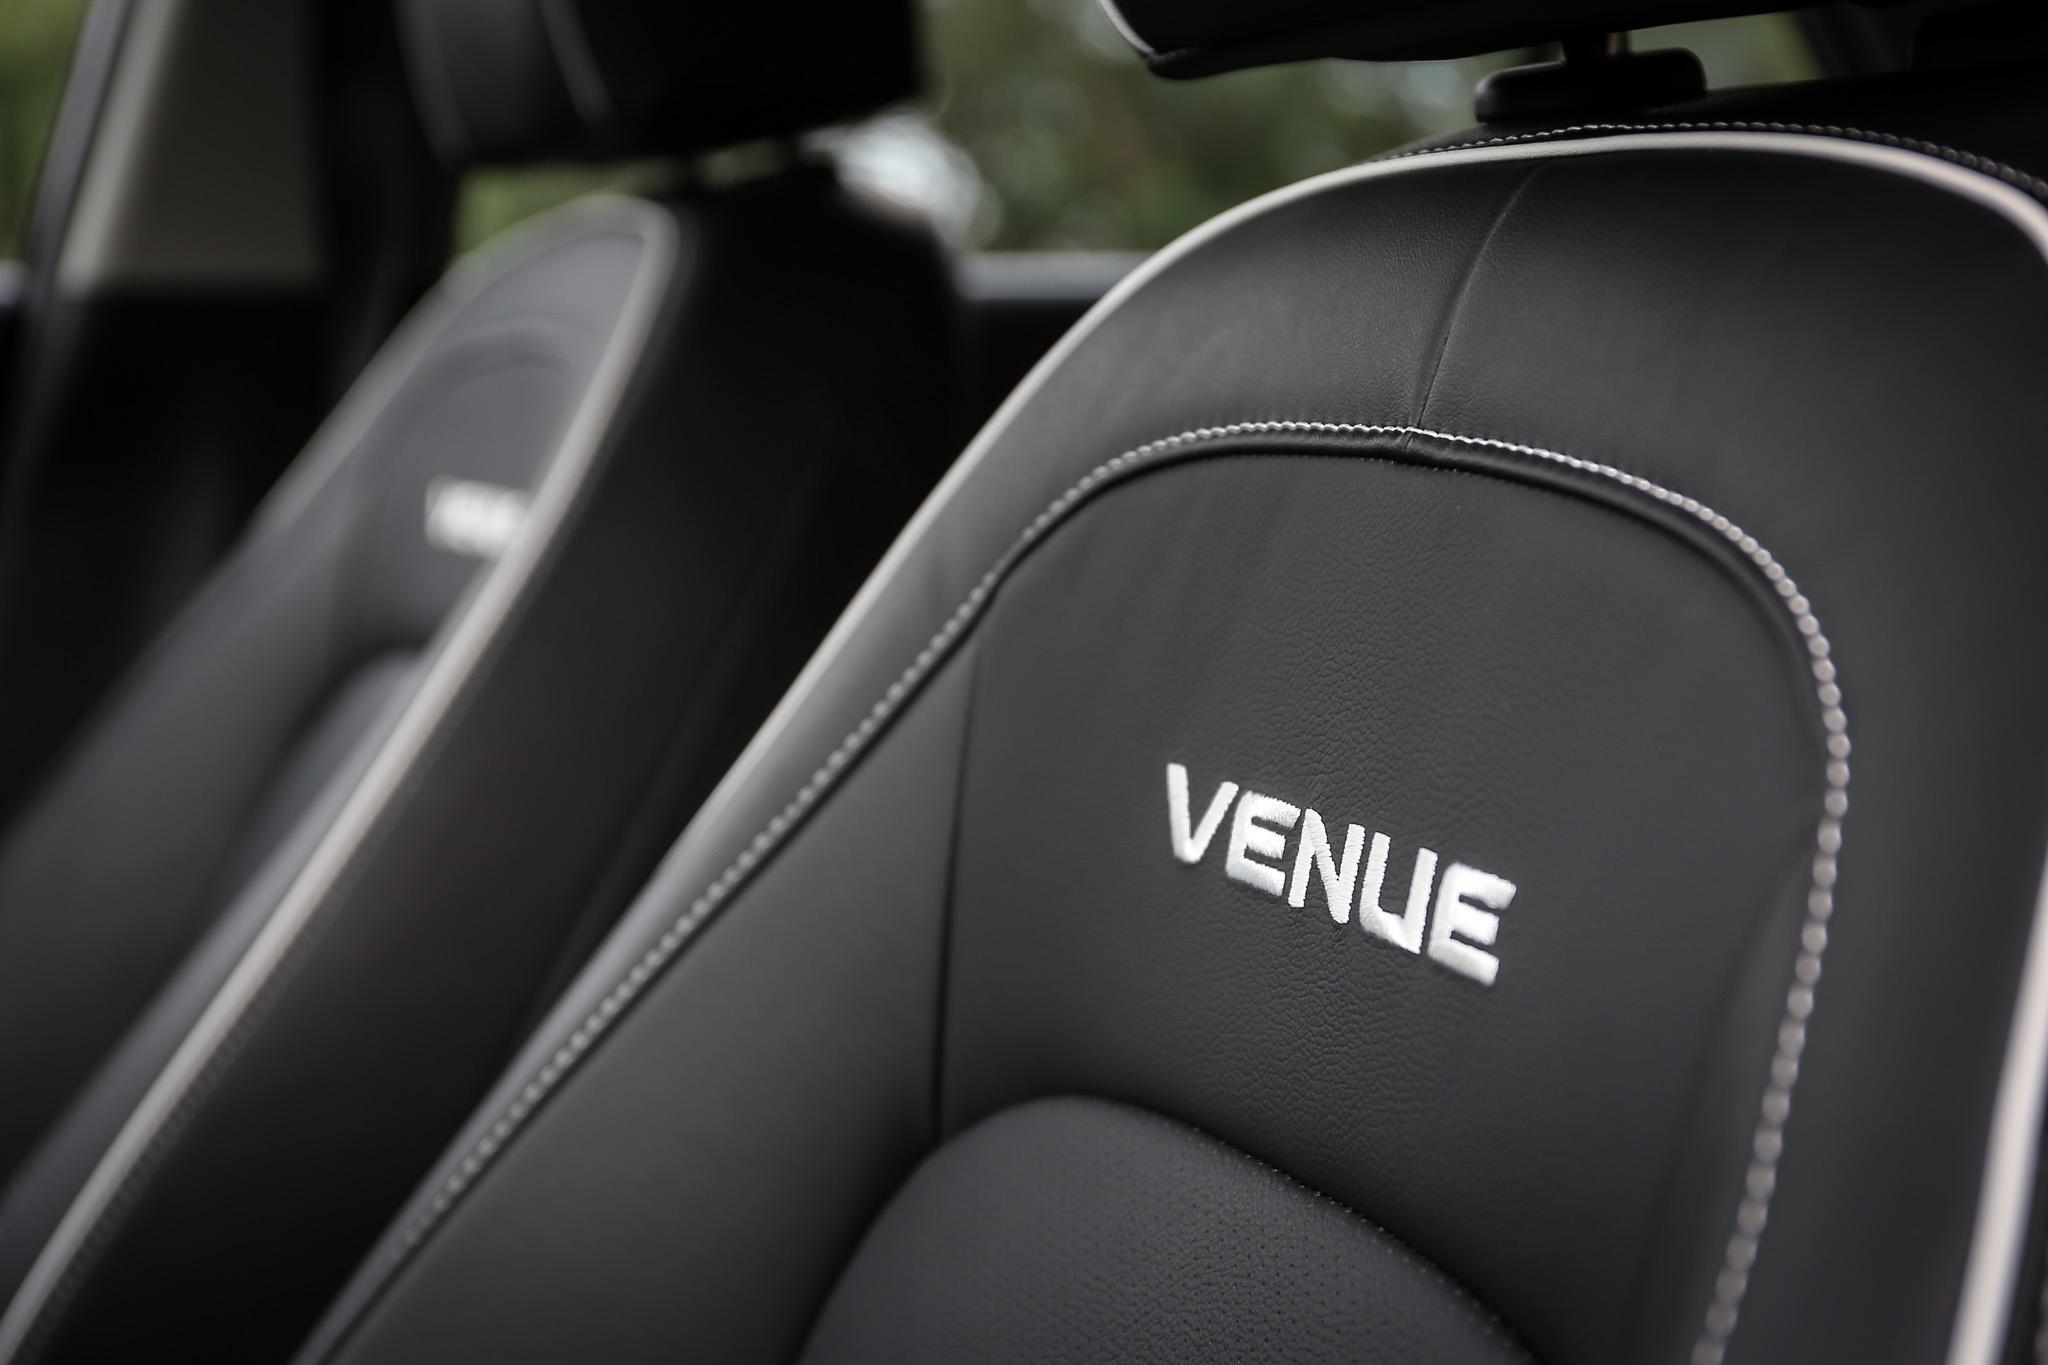 皮革座椅並有對比的白色縫線與字樣。